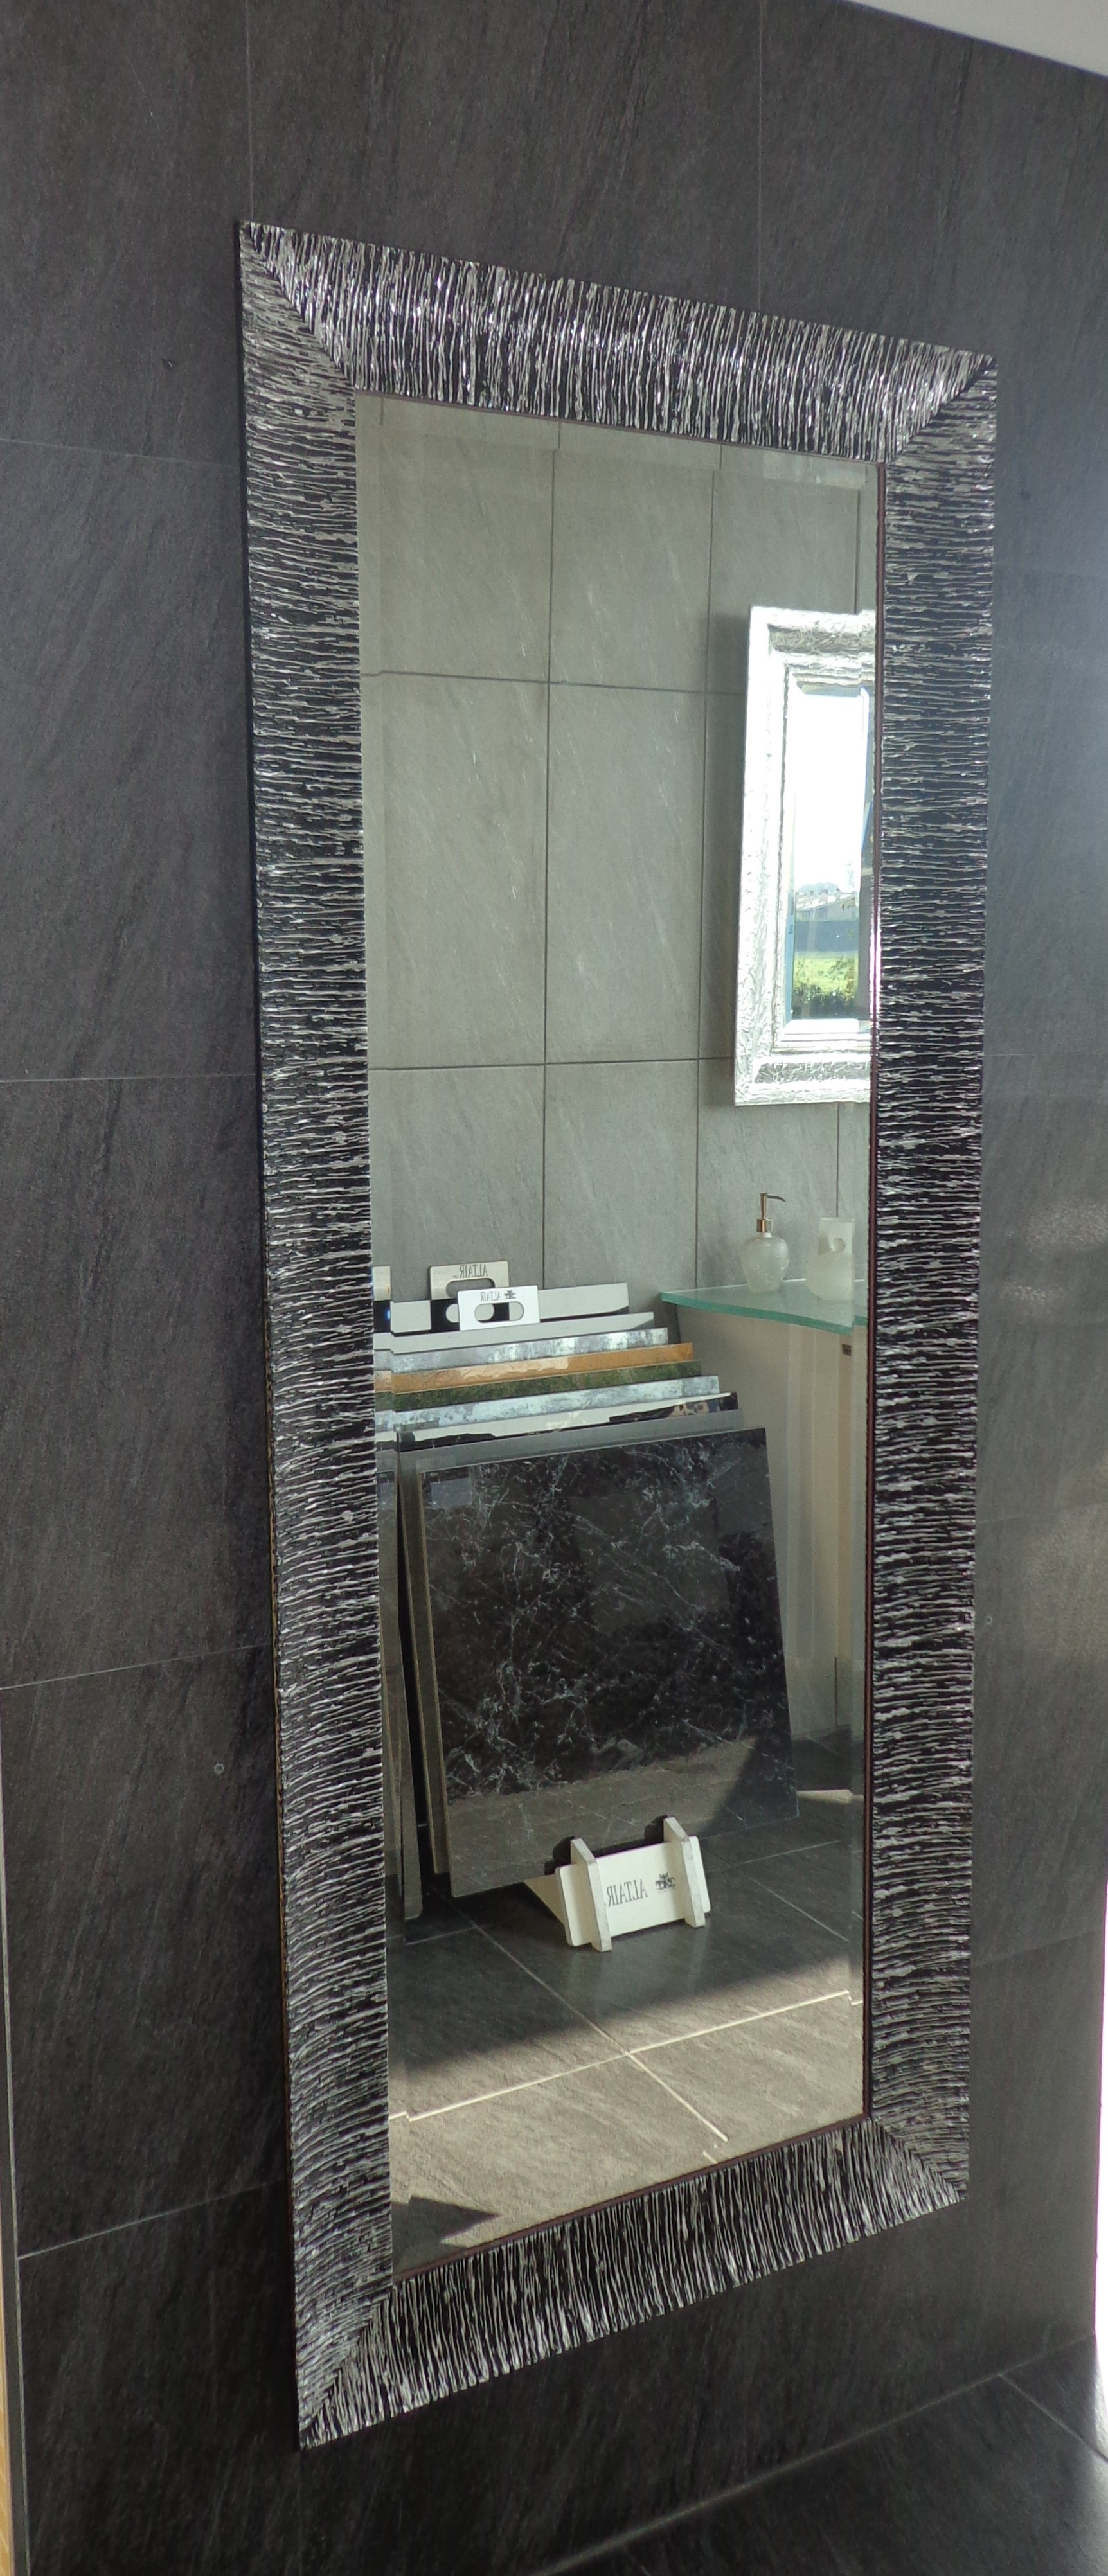 Specchio nero argento arredo bagno a prezzi scontati - Specchio bagno prezzi ...